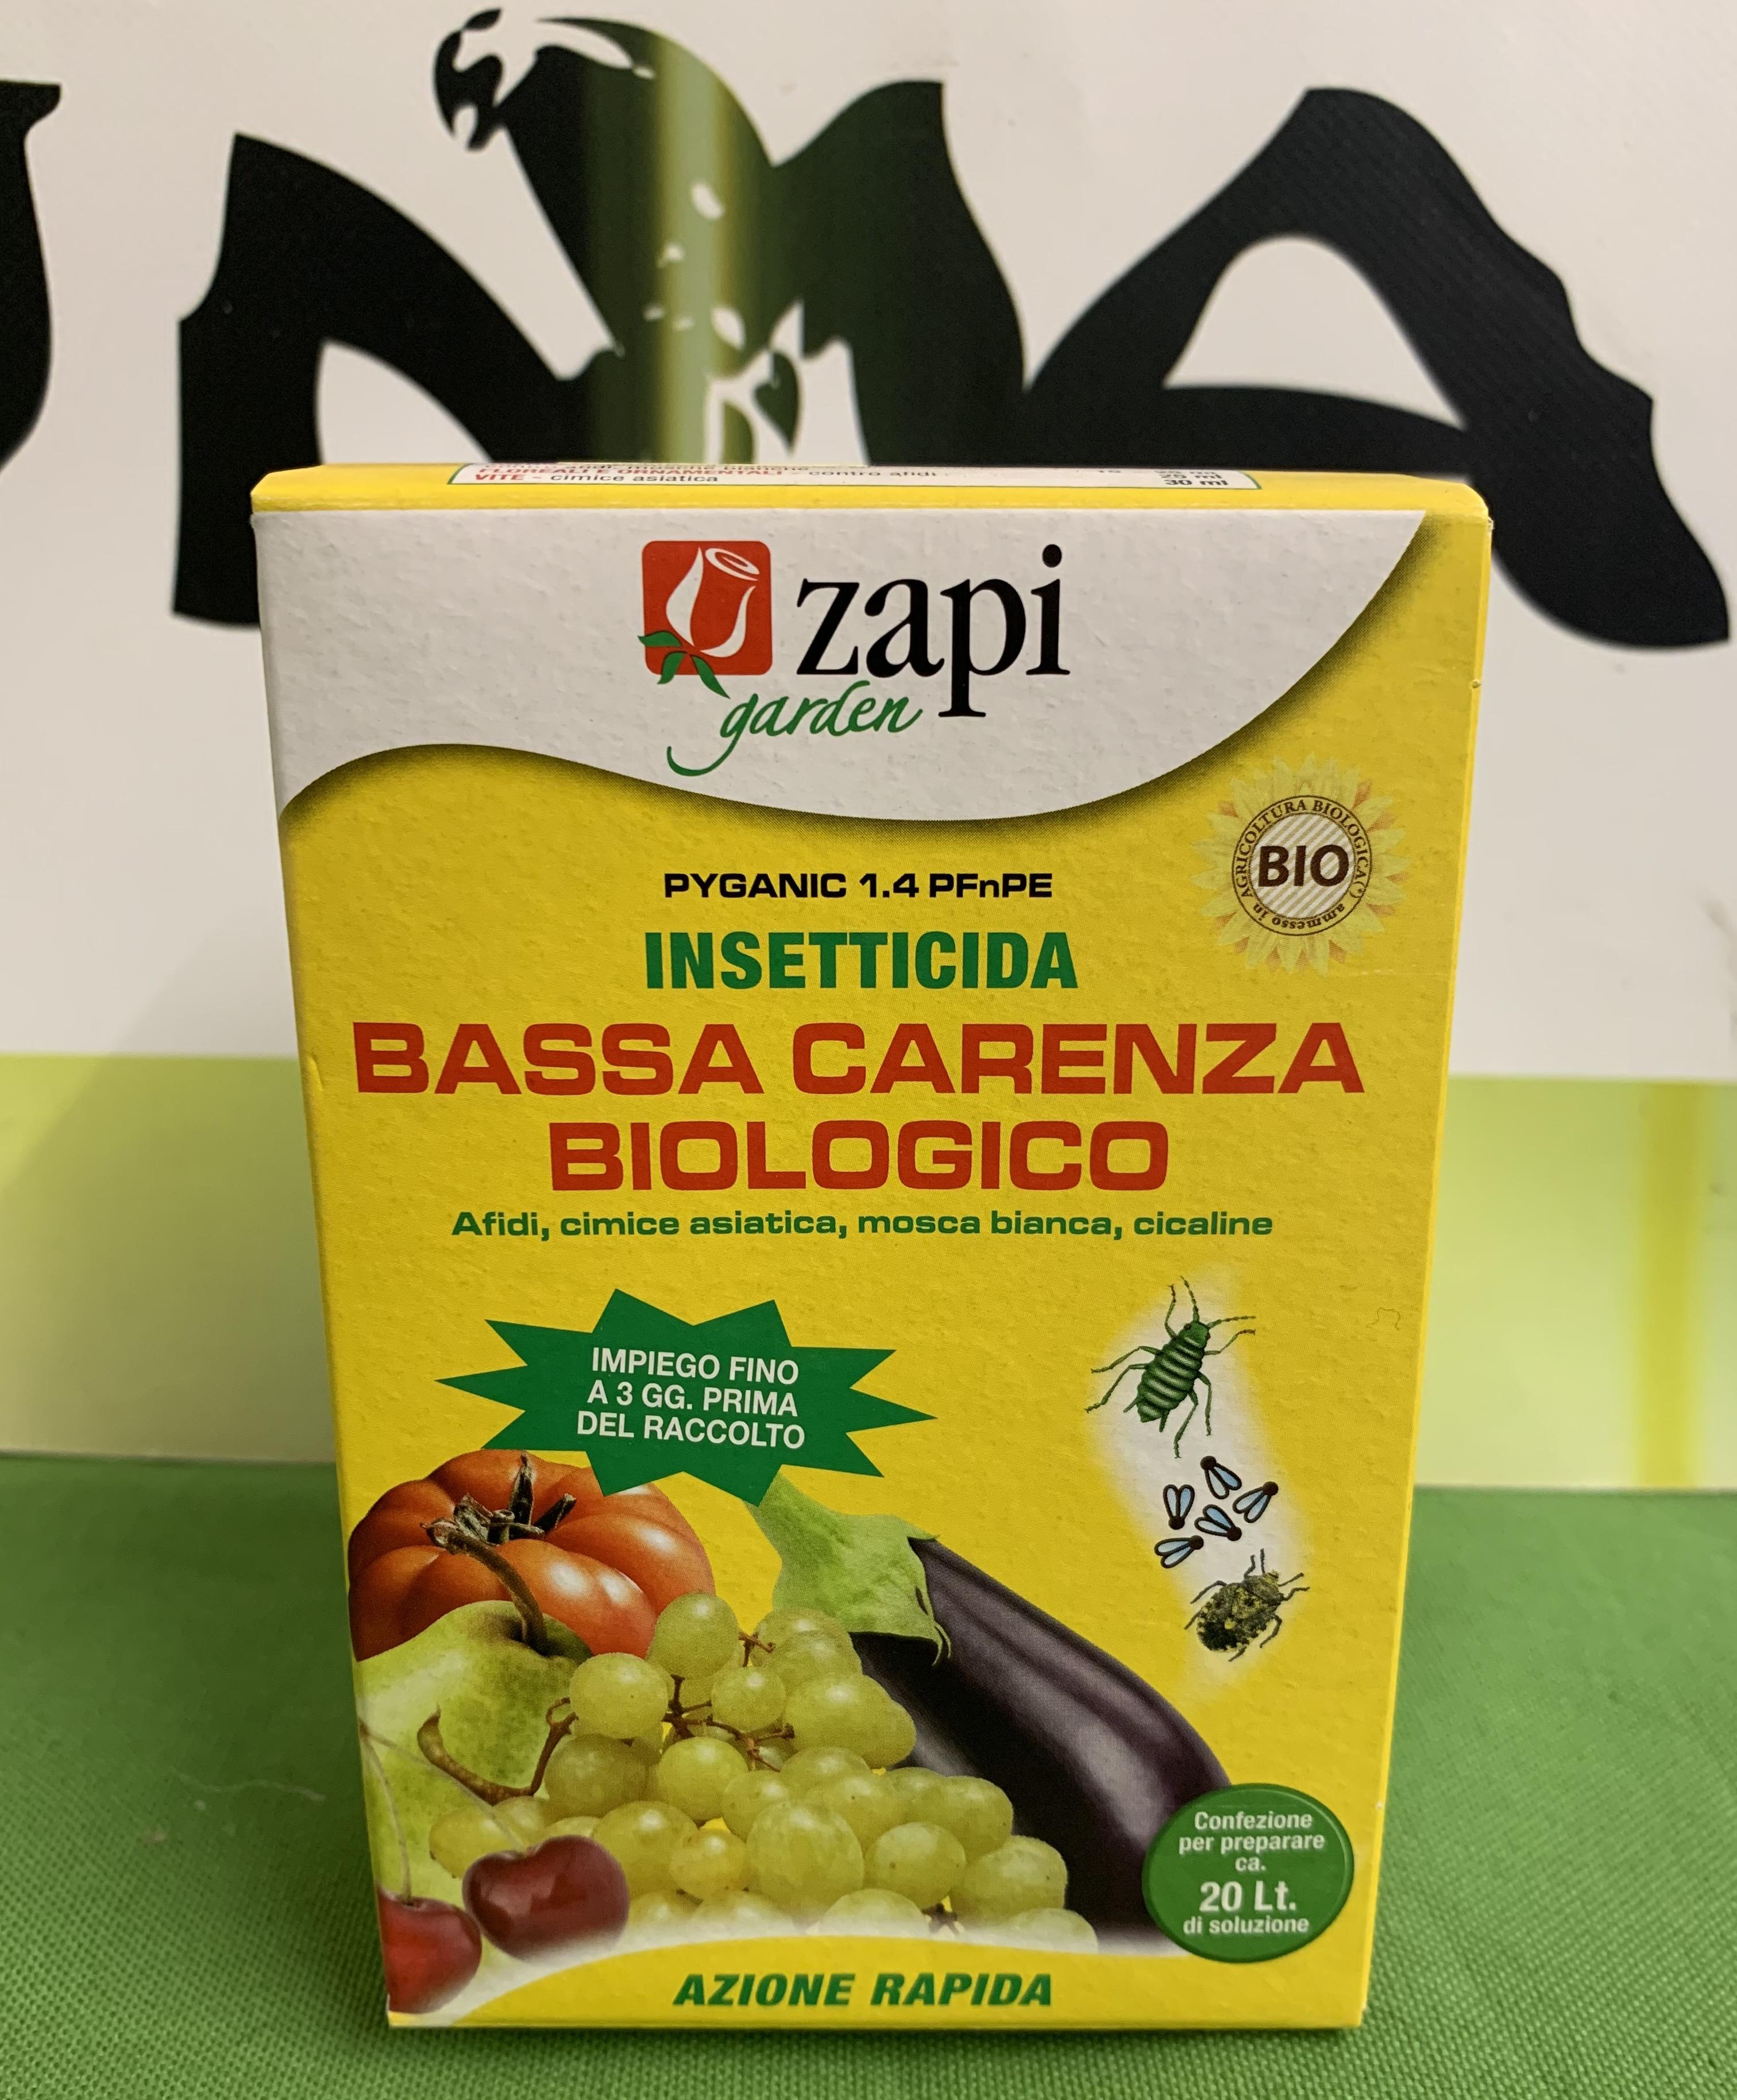 INSETTICIDA BASSA CARENZA BIOLOGICA 50ml